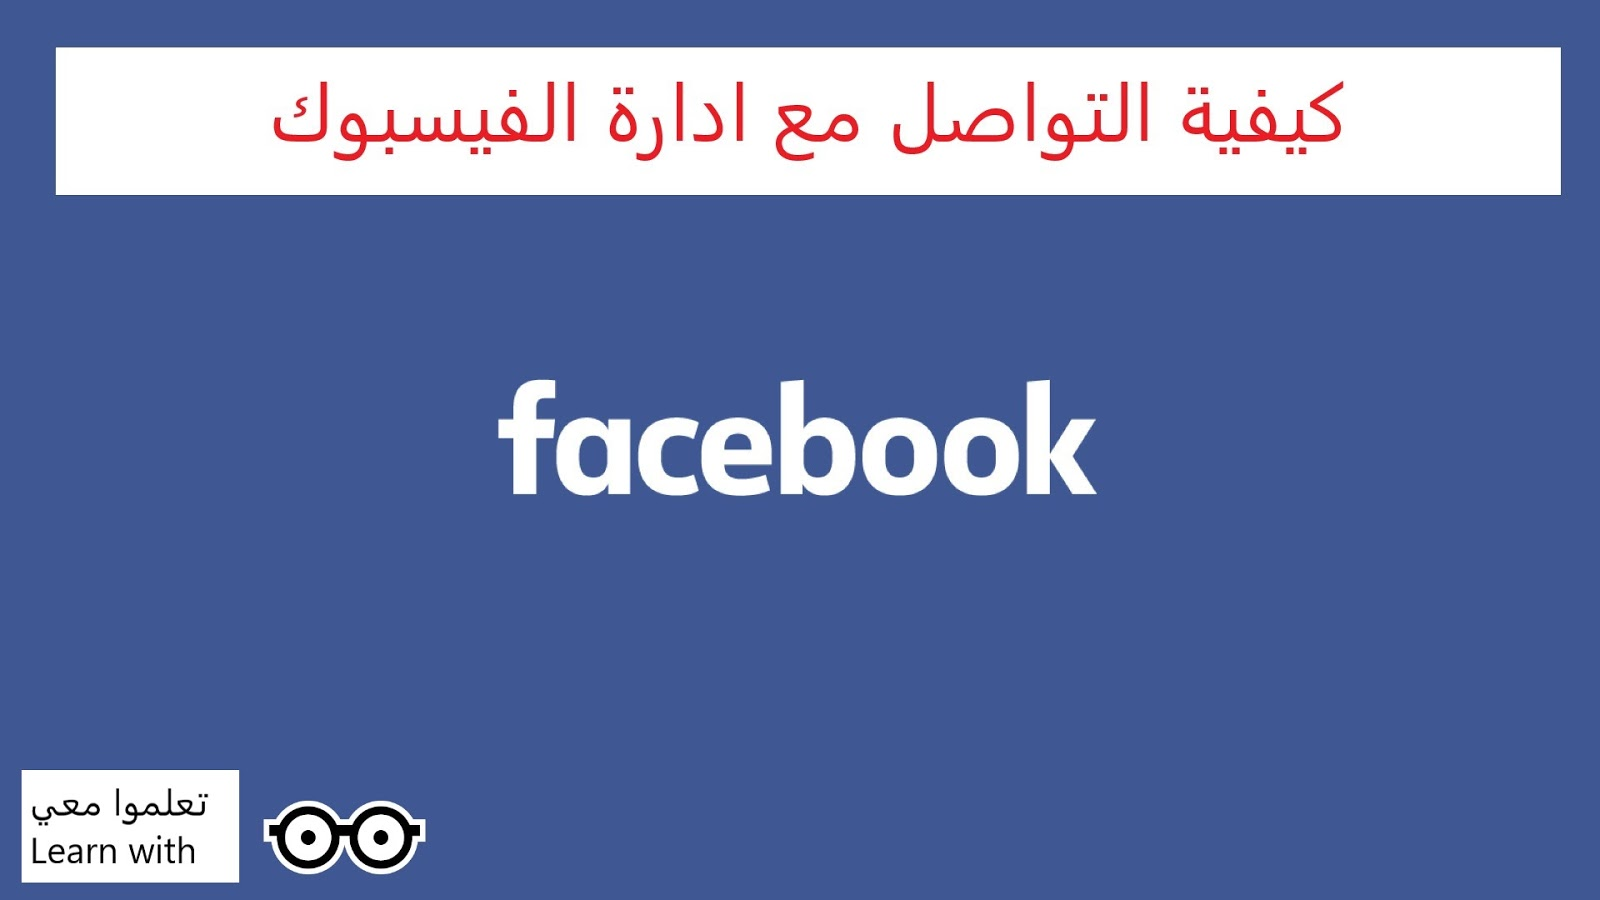 كيفية التواصل مع ادارة الفيس بوك دعم الفيسبوك لرفع الحظر عن الصفحات و المواقع Facebook Support